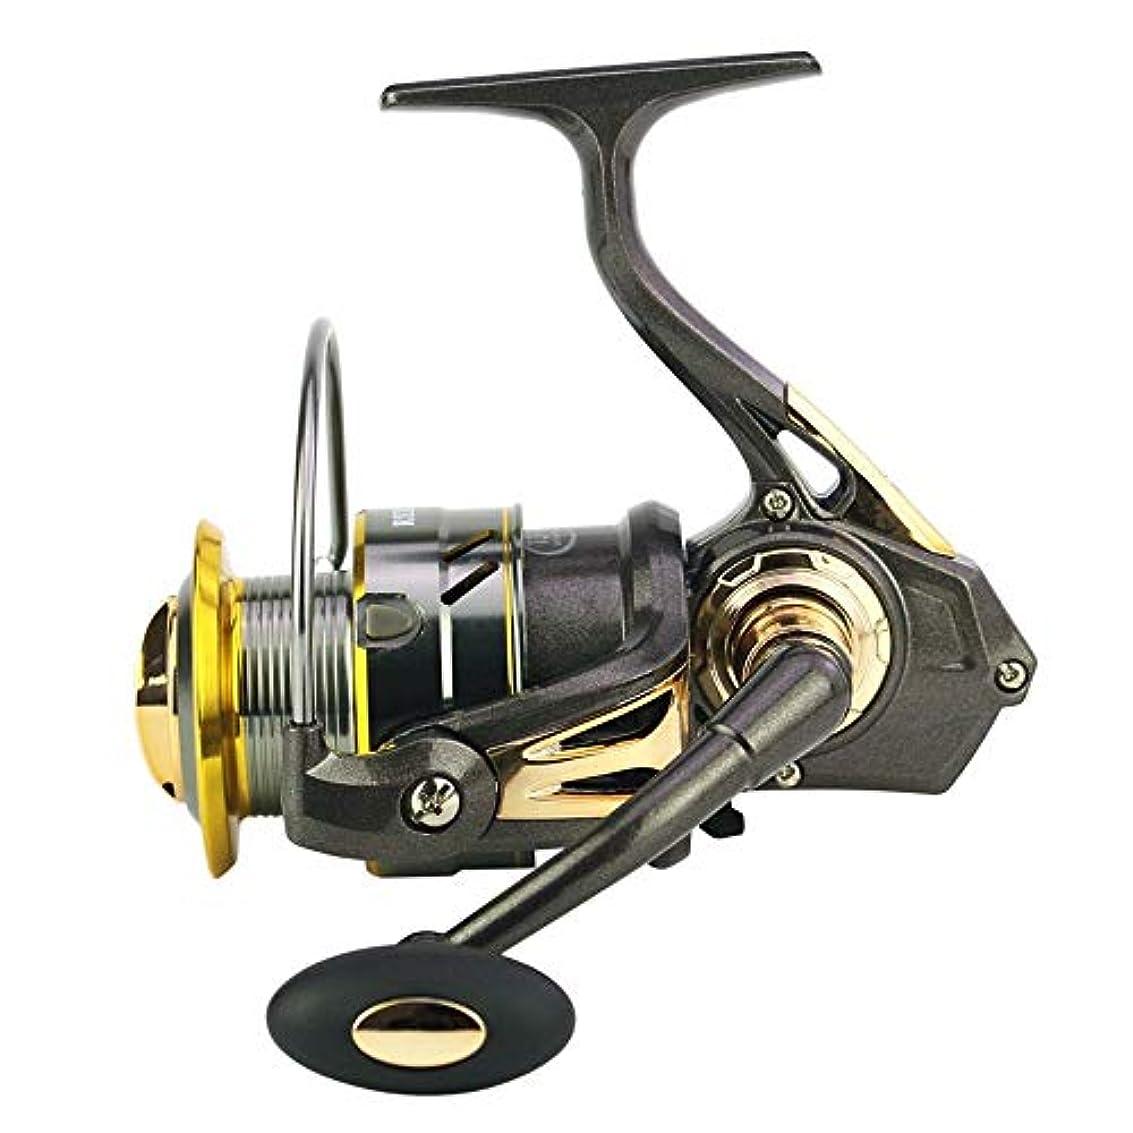 変色する処方する突き刺すSikurery 釣りリール釣りギアリール釣り糸紡績機金属ロッカーアーム (Size : KY3000)